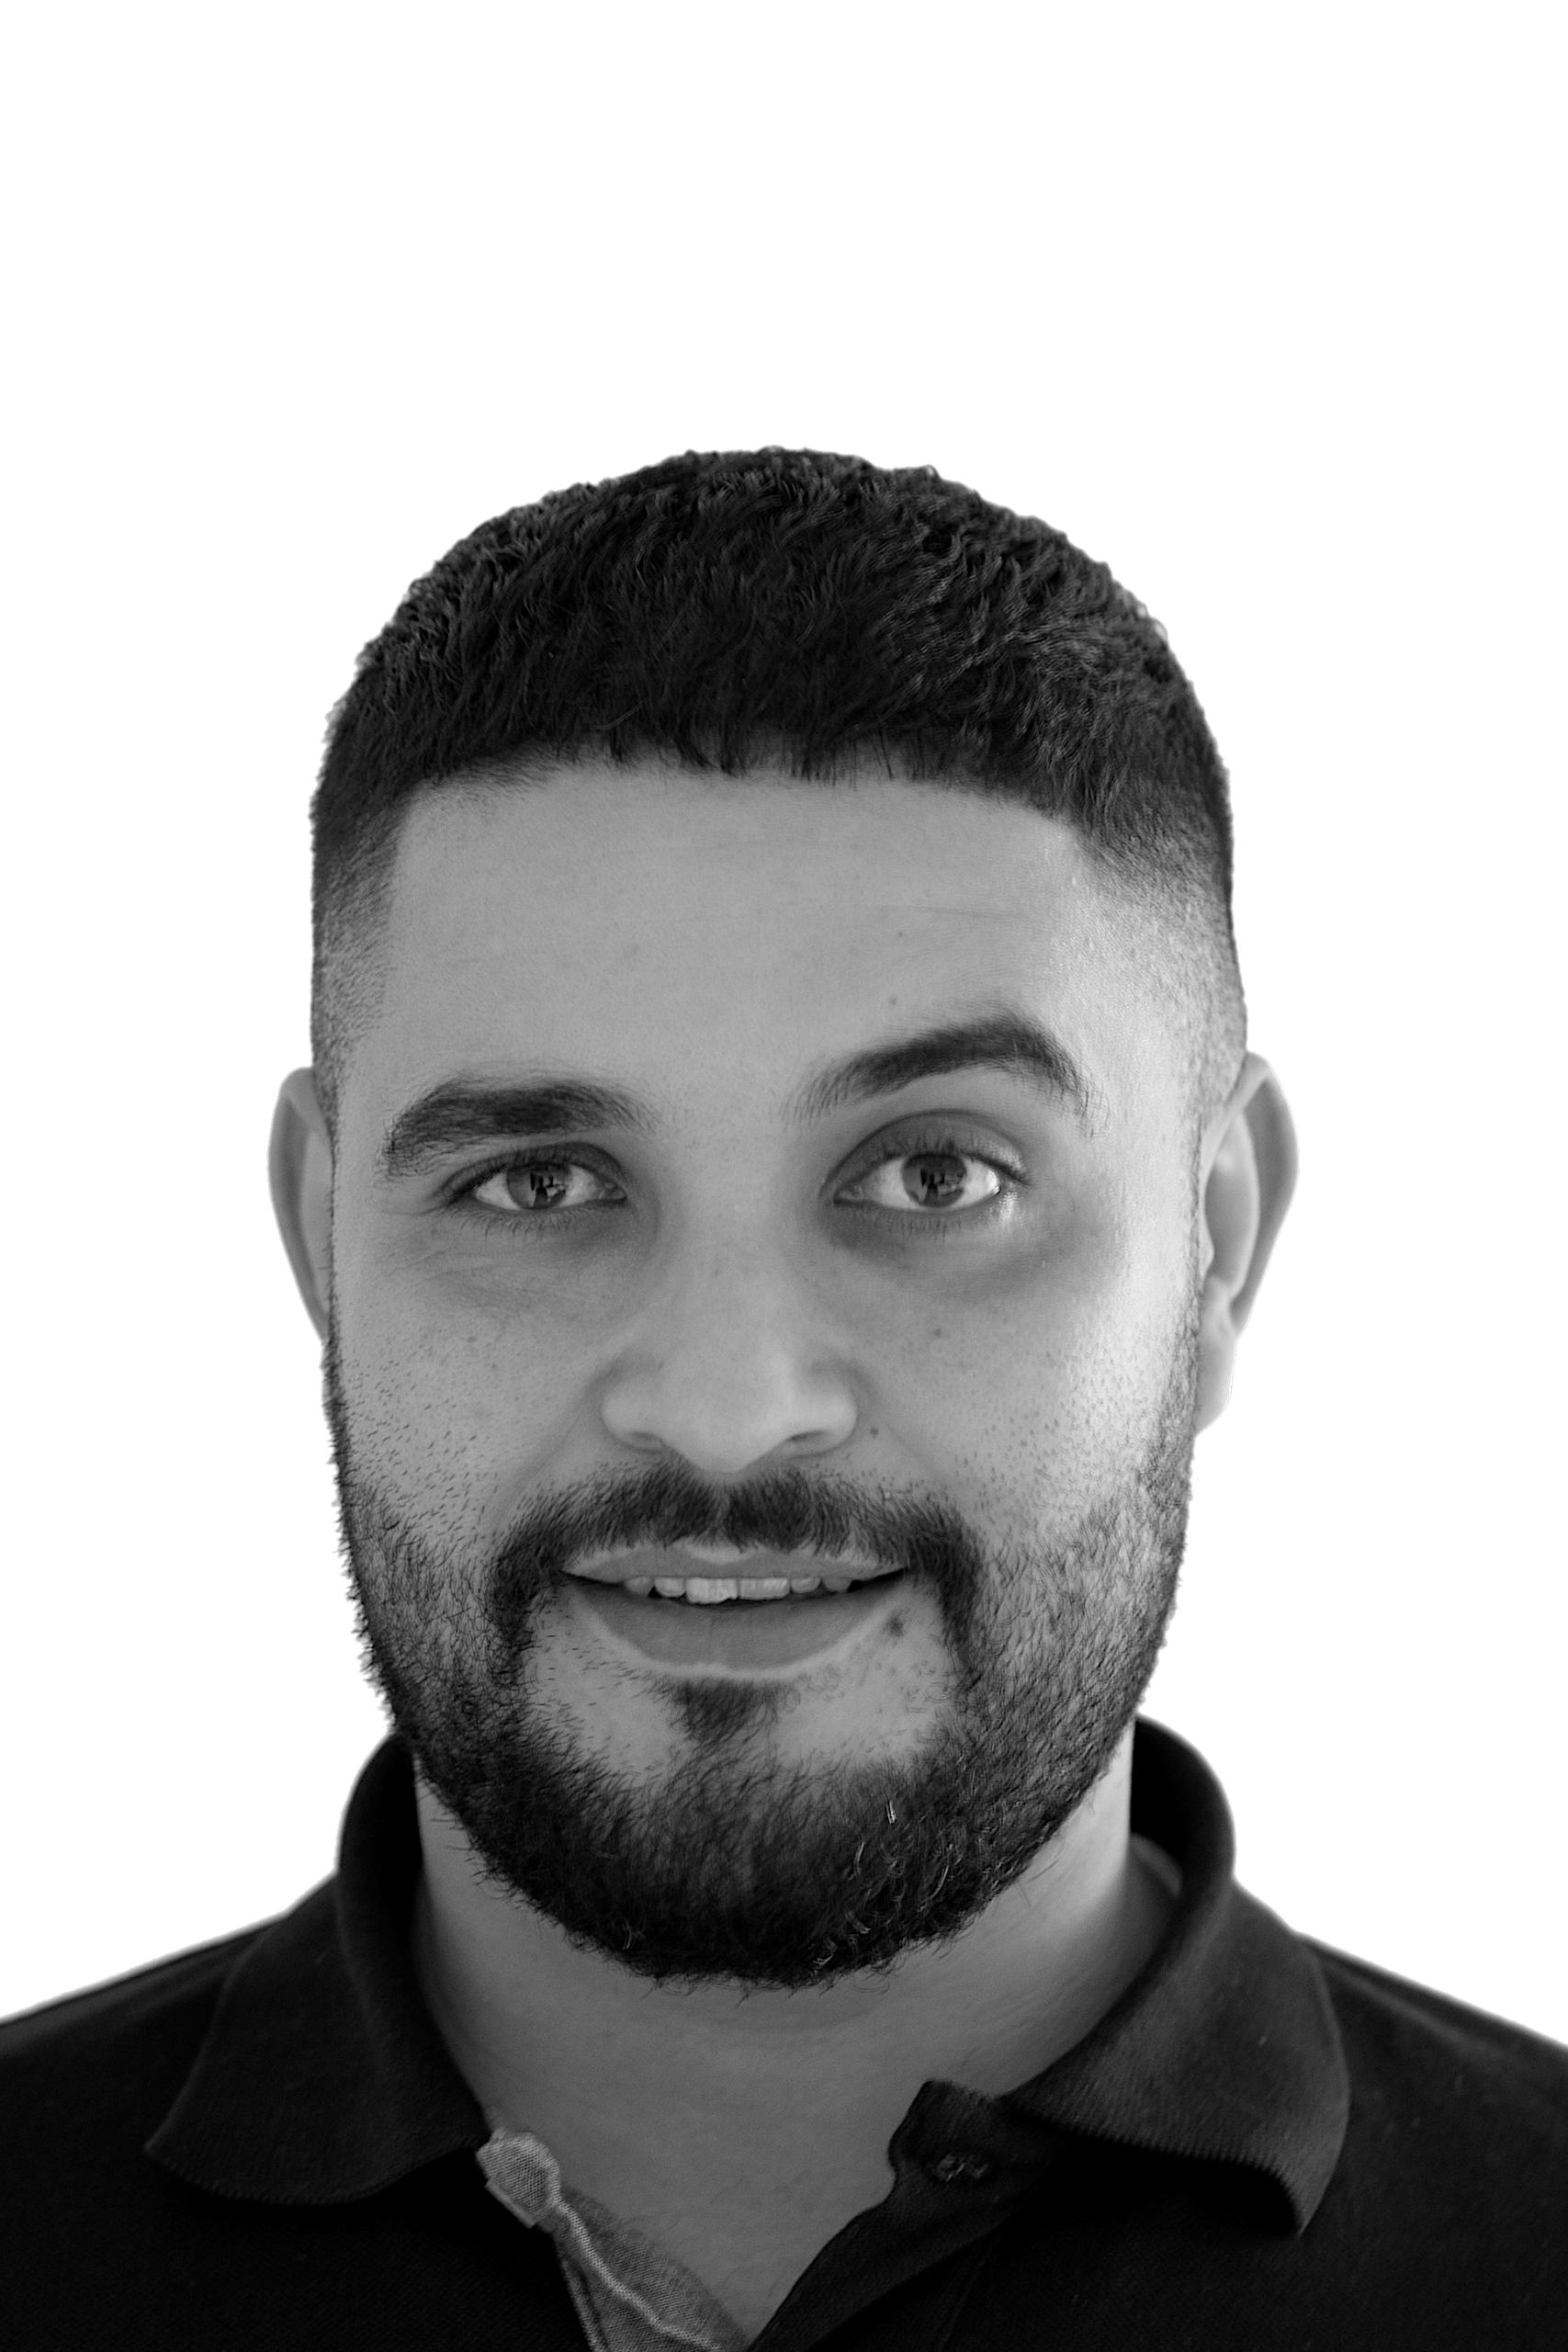 Portraitfoto von Jamal Arammach